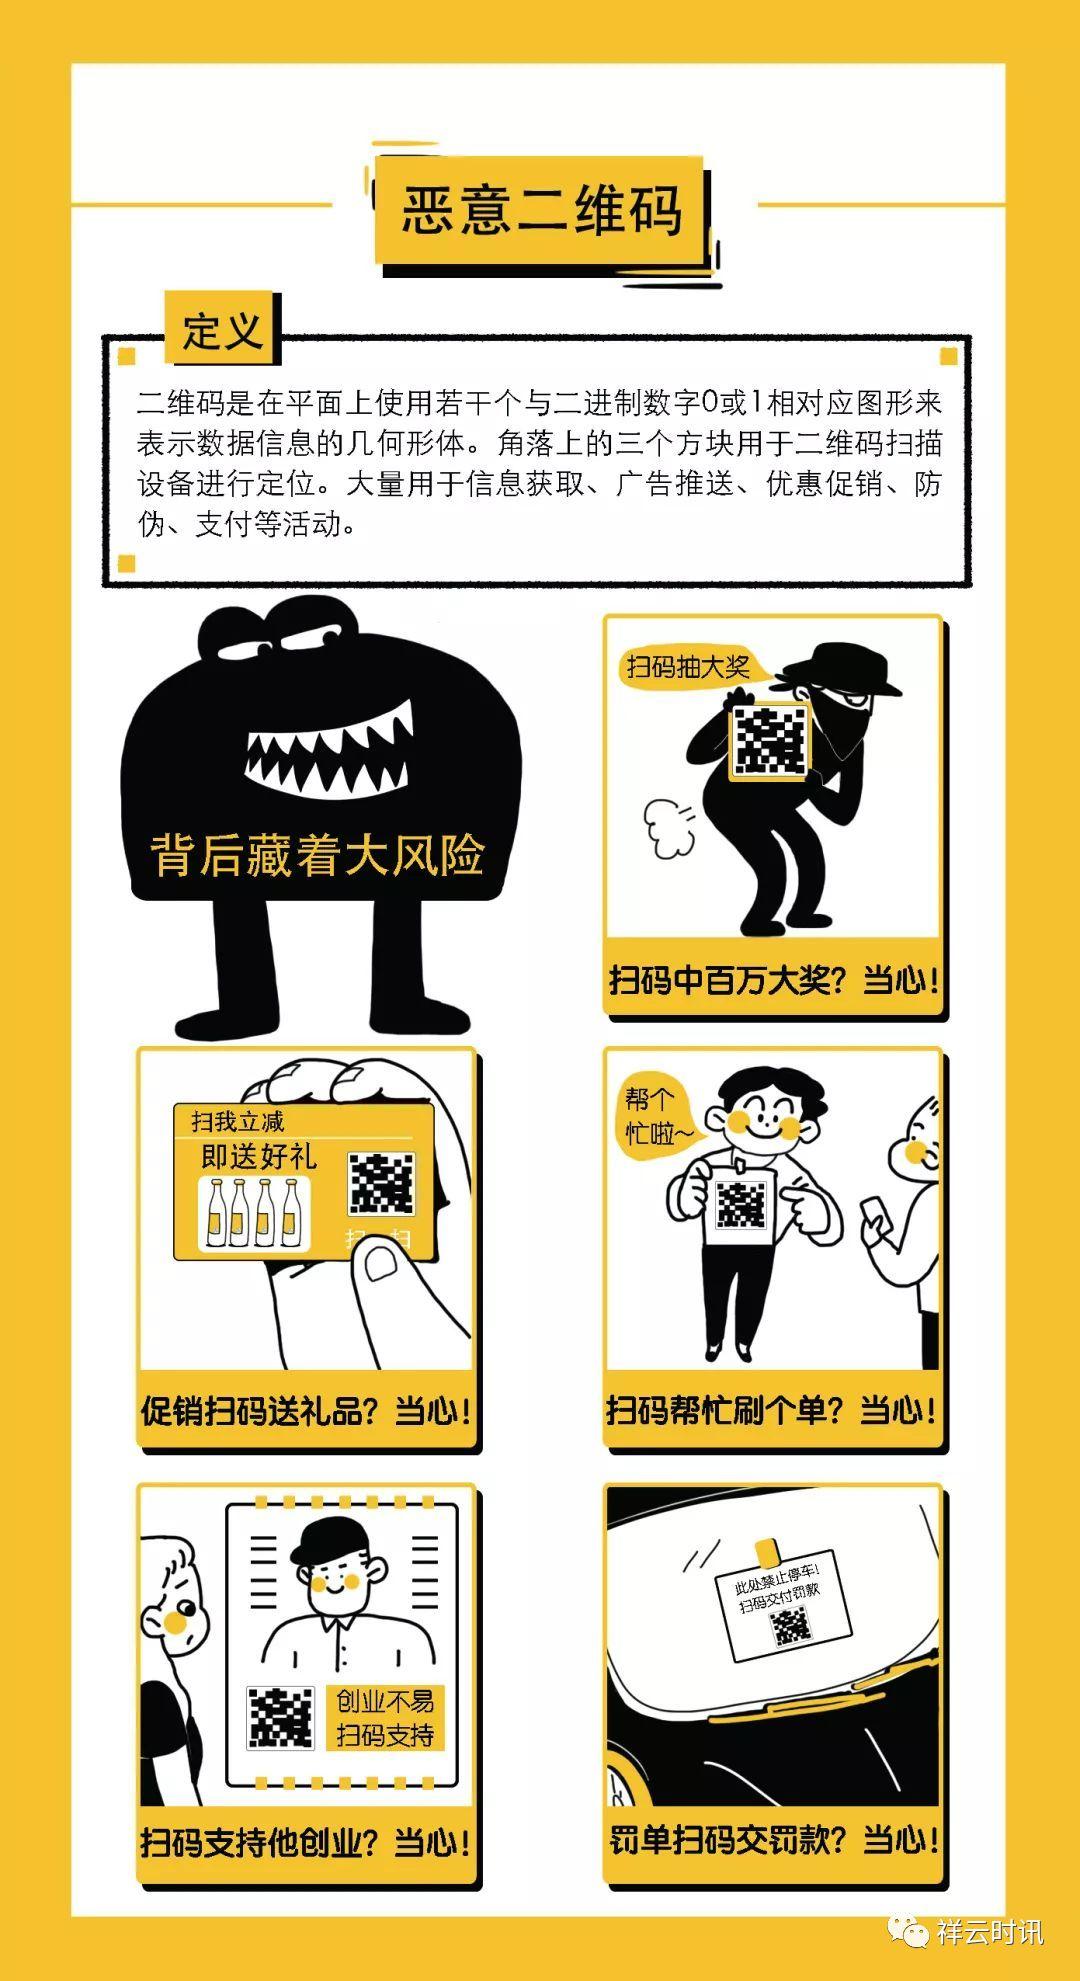 【国度搜集安然宣传周】严防二维码欺骗